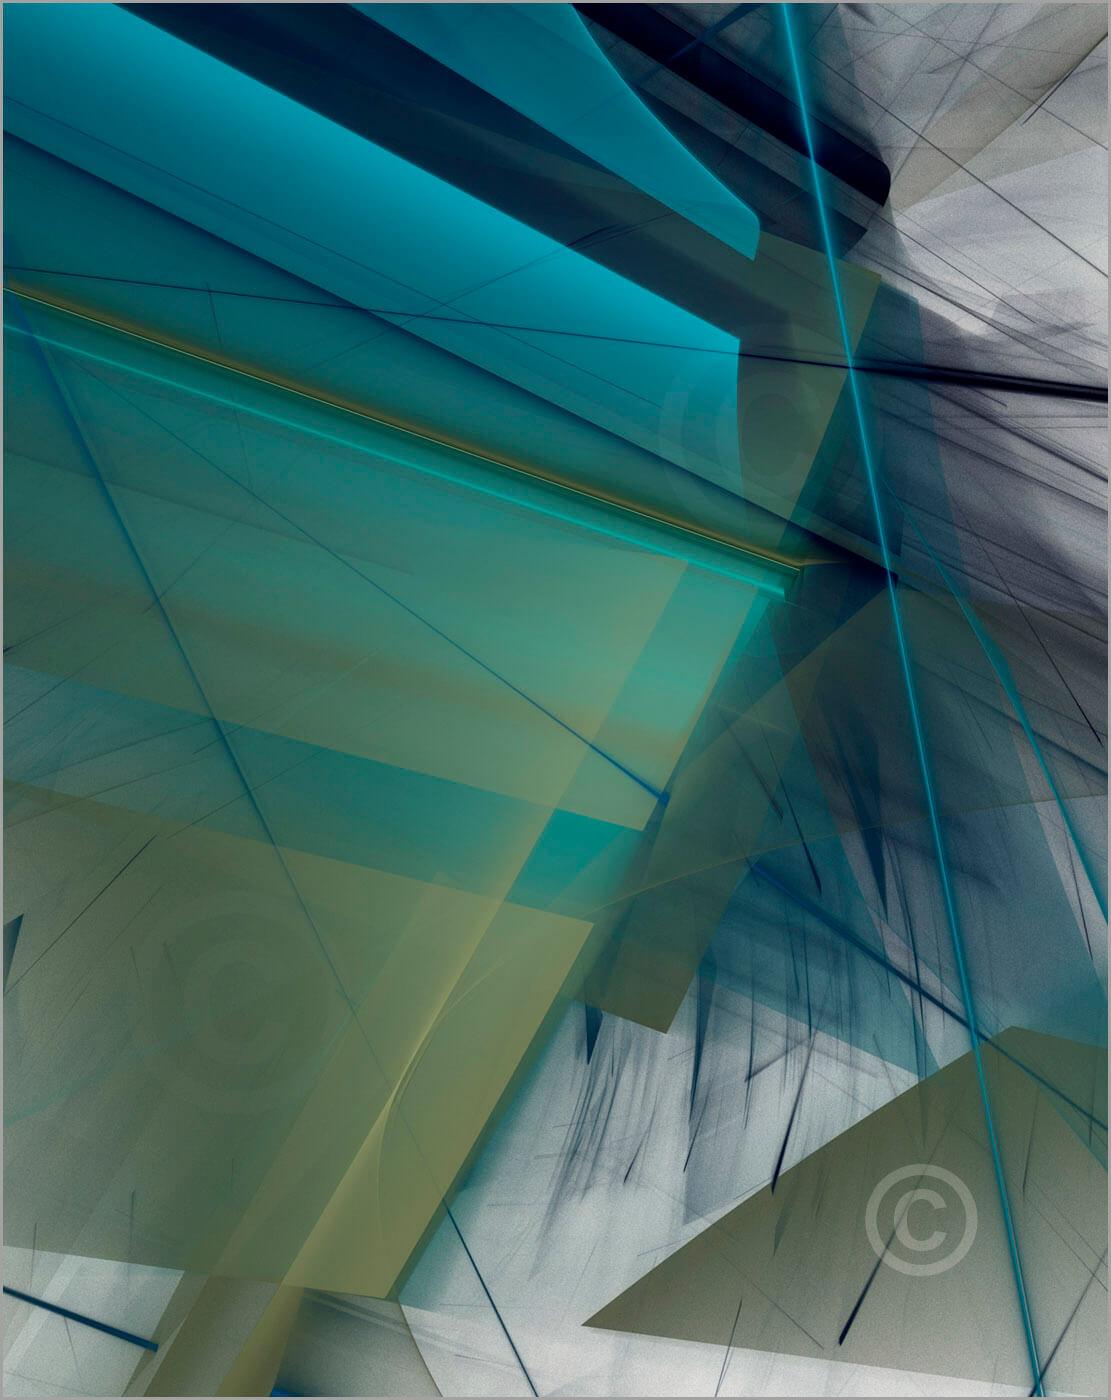 Shapes_F2_9982_M